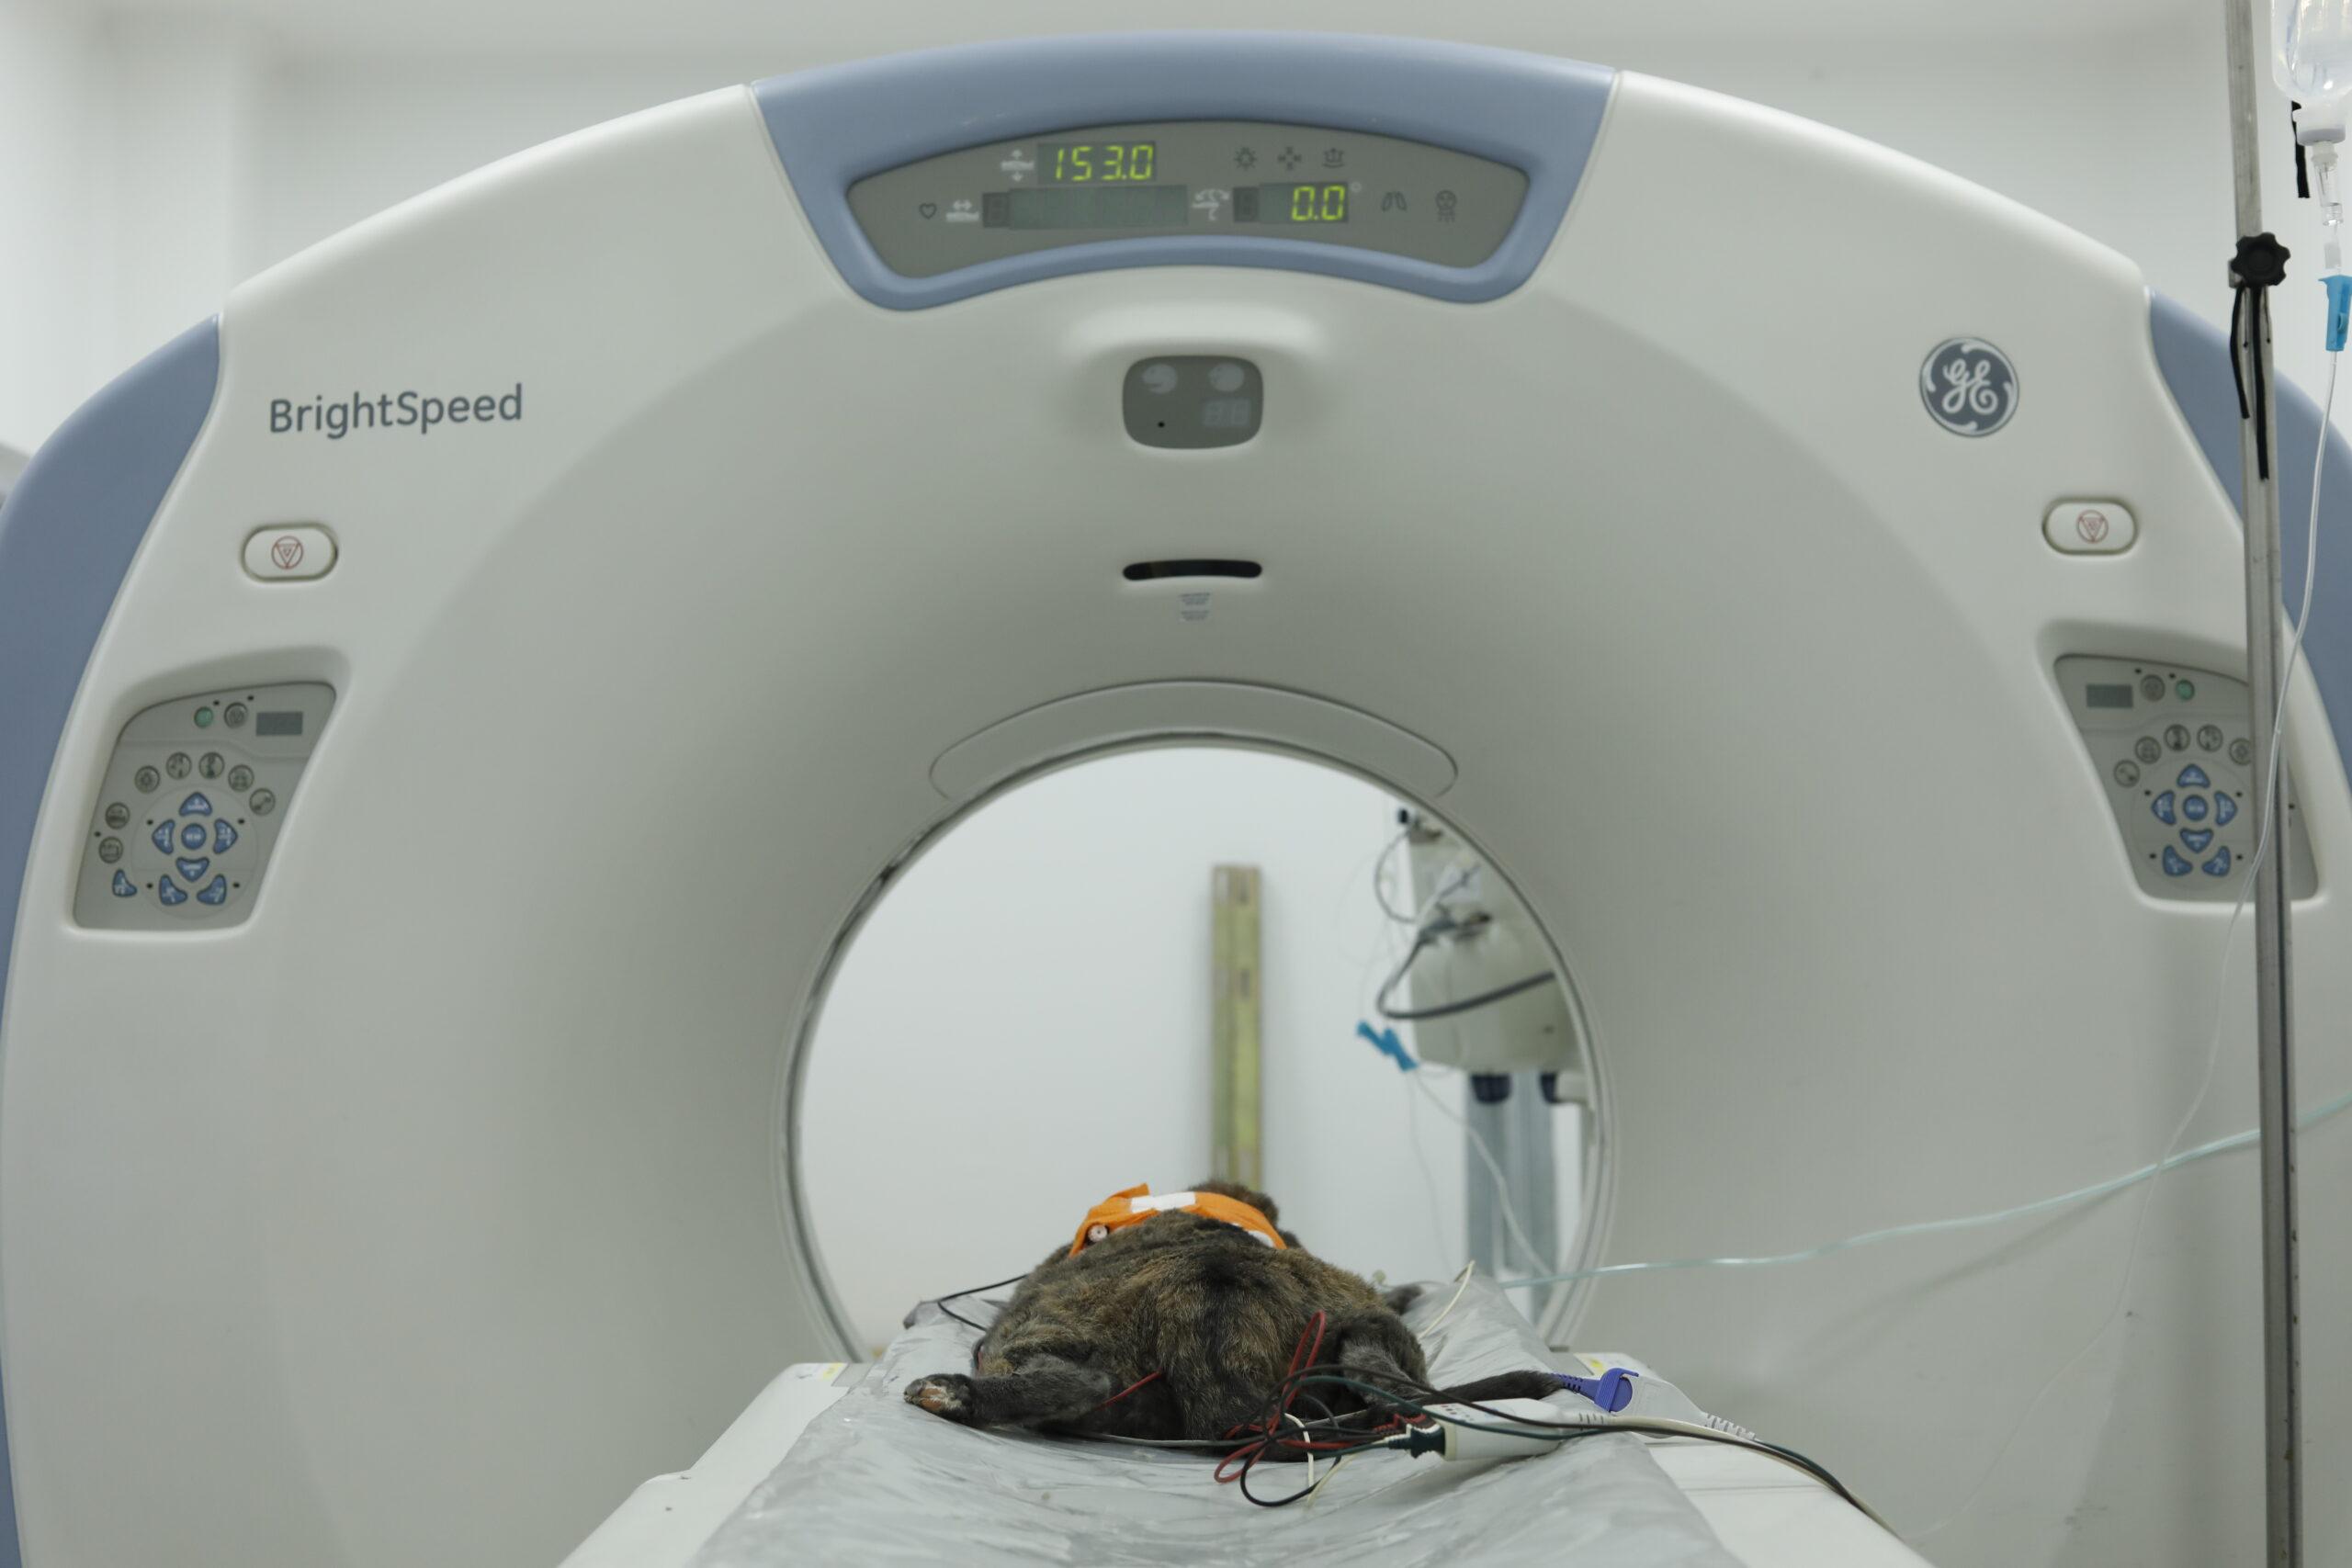 tomograph image with an animal